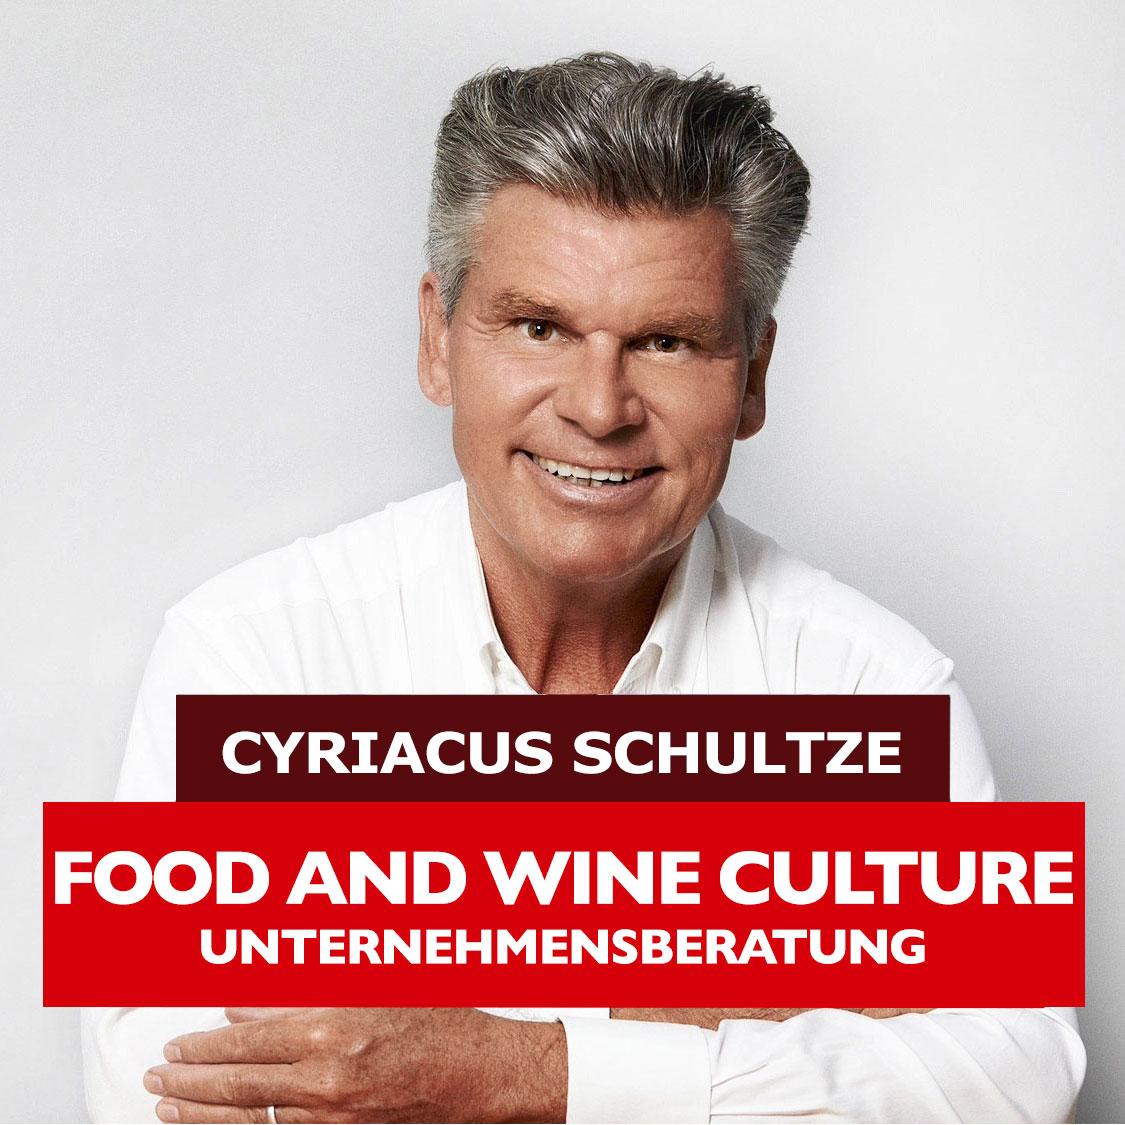 Cyriacus Schultze